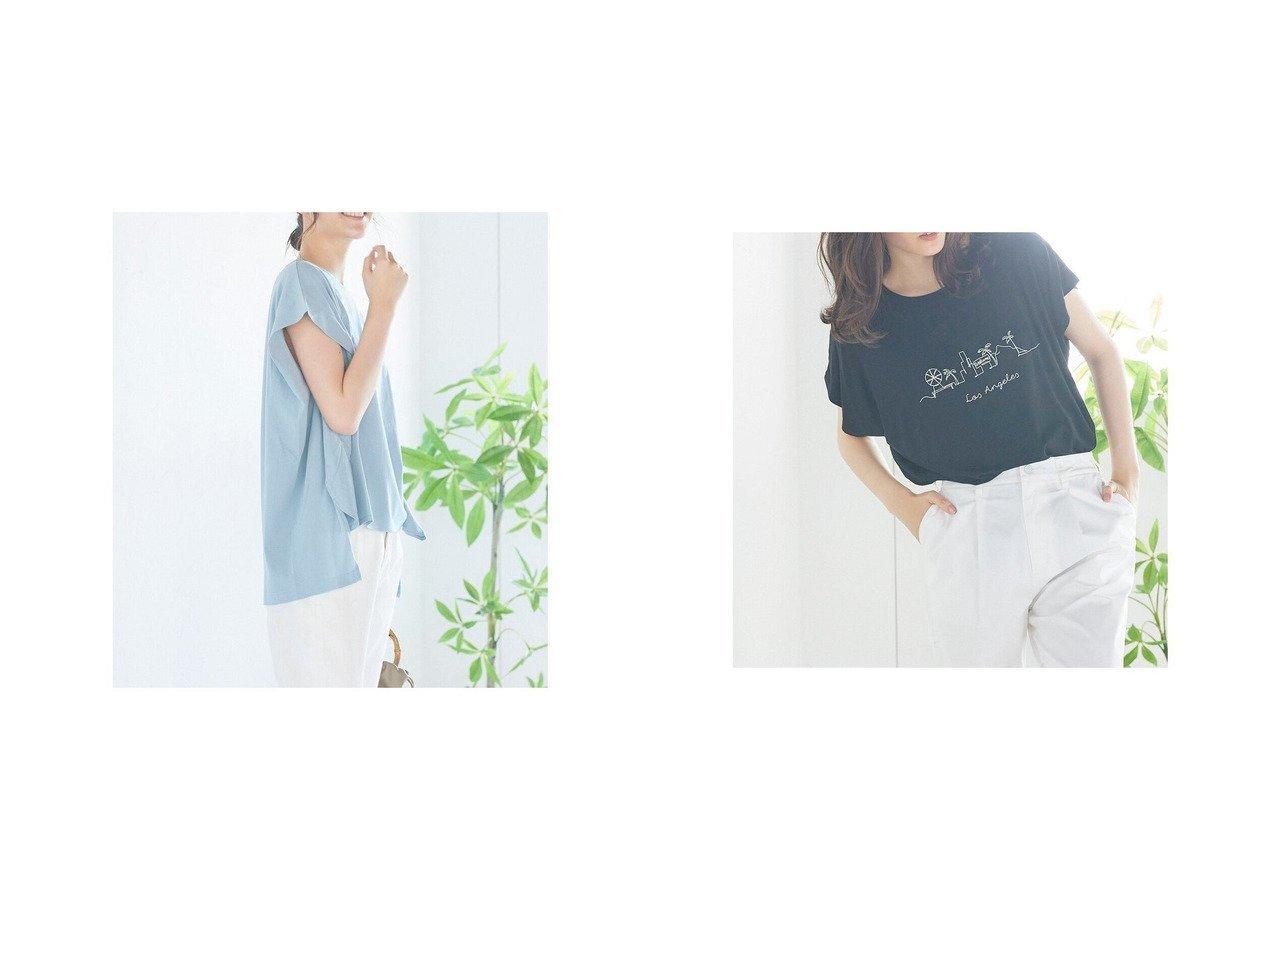 【LIPSTAR/リップスター】のシルケットライクチュニックTシャツ&フレンチスリーブTシャツ おすすめ!人気、トレンド・レディースファッションの通販 おすすめで人気の流行・トレンド、ファッションの通販商品 インテリア・家具・メンズファッション・キッズファッション・レディースファッション・服の通販 founy(ファニー) https://founy.com/ ファッション Fashion レディースファッション WOMEN トップス・カットソー Tops/Tshirt シャツ/ブラウス Shirts/Blouses ロング / Tシャツ T-Shirts A/W・秋冬 AW・Autumn/Winter・FW・Fall-Winter おすすめ Recommend カットソー シンプル チュニック フレンチ フロント ボトム  ID:crp329100000055392